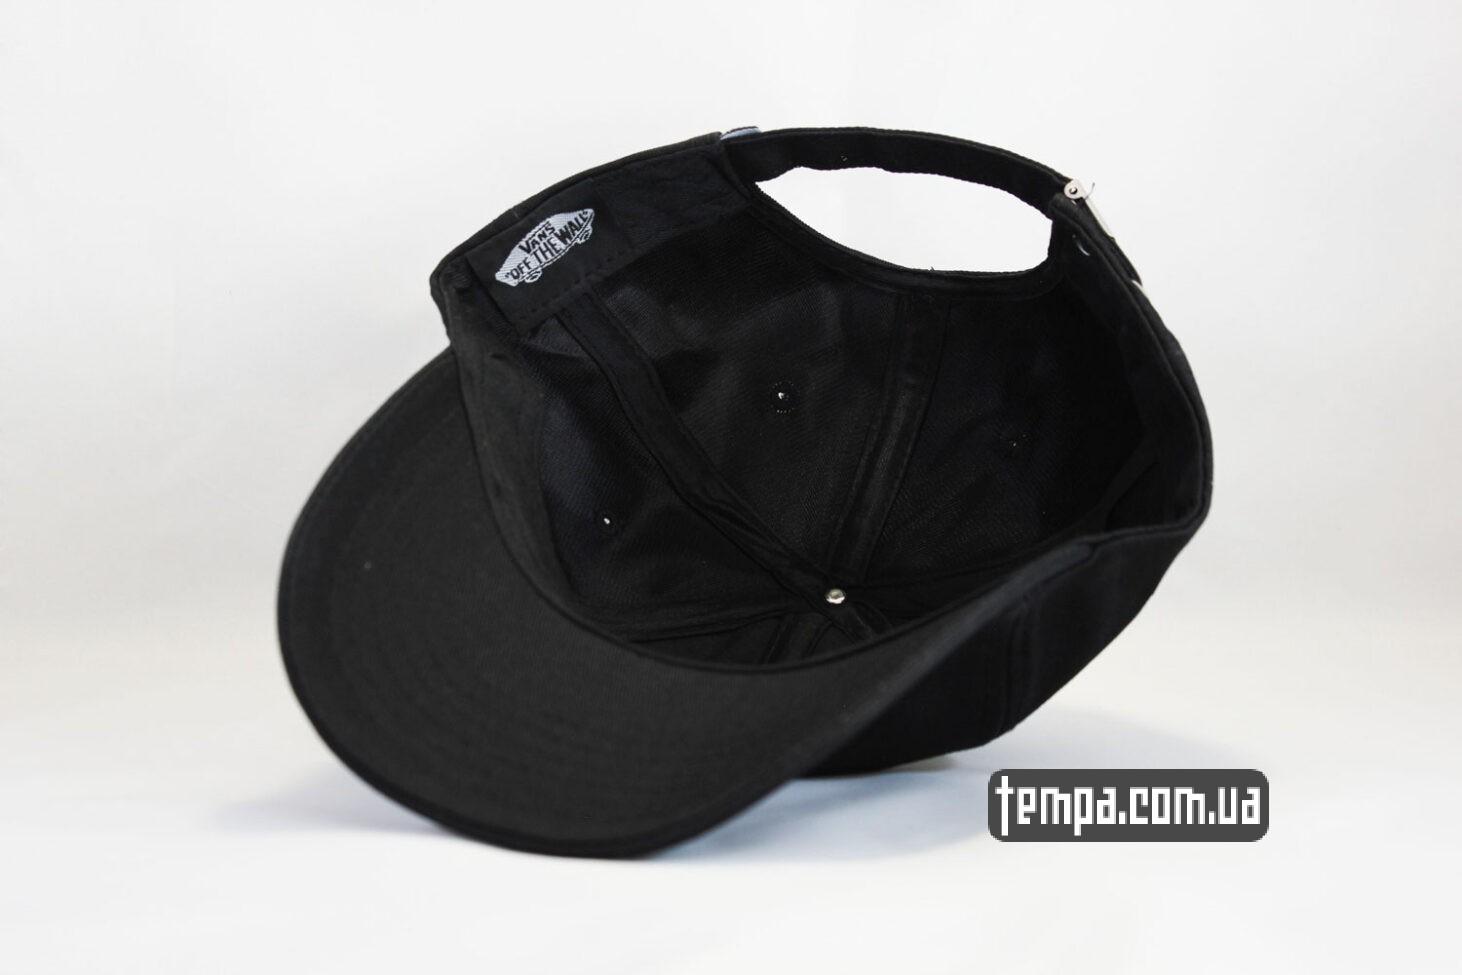 магазин купить кепка VANS черная бейсболка с Фиолетовым логотипом